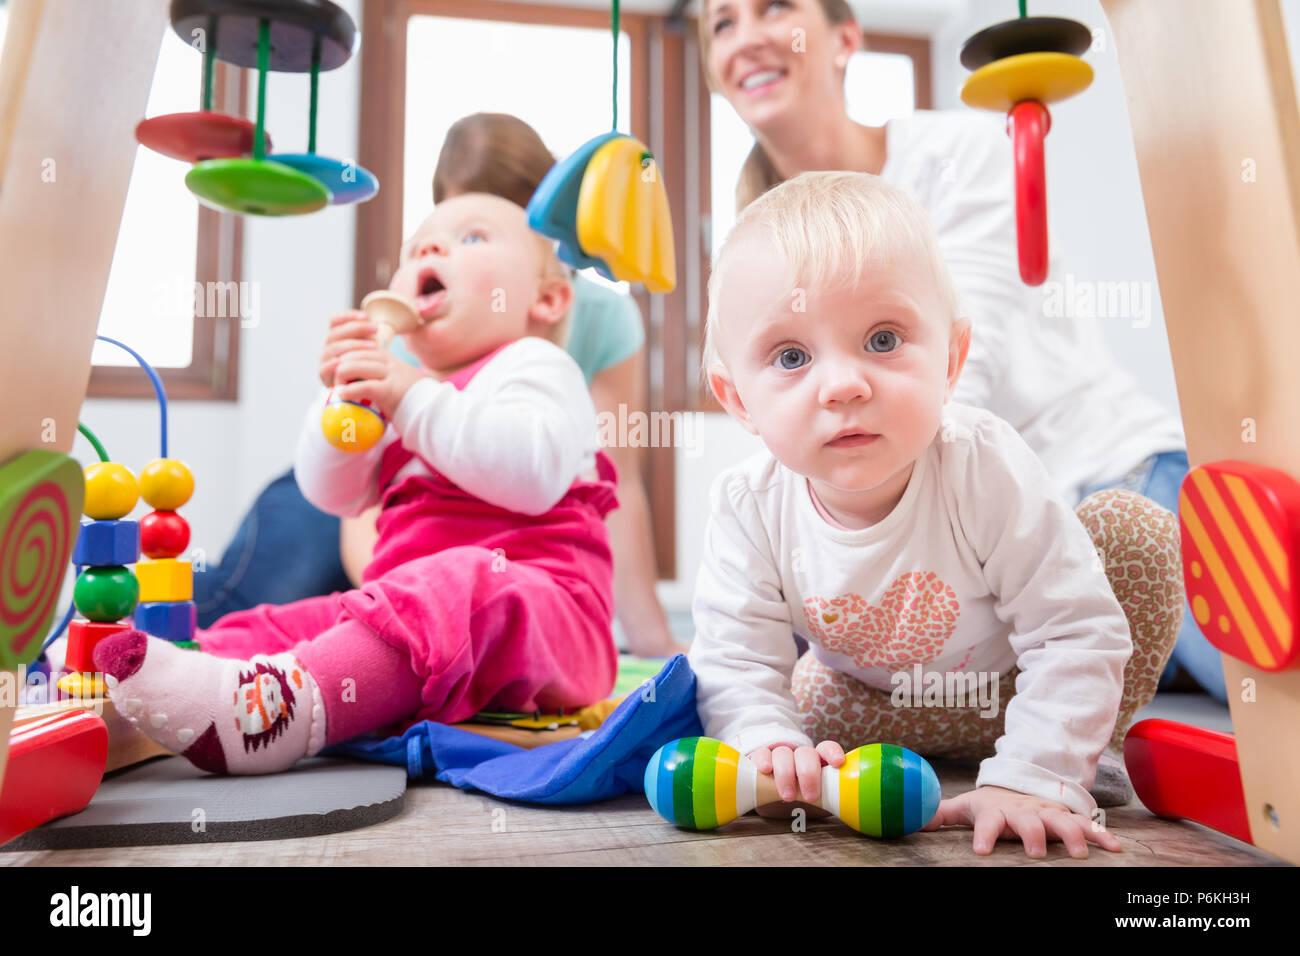 Cute Baby girl zeigt Fortschritte und Neugier Stockfoto